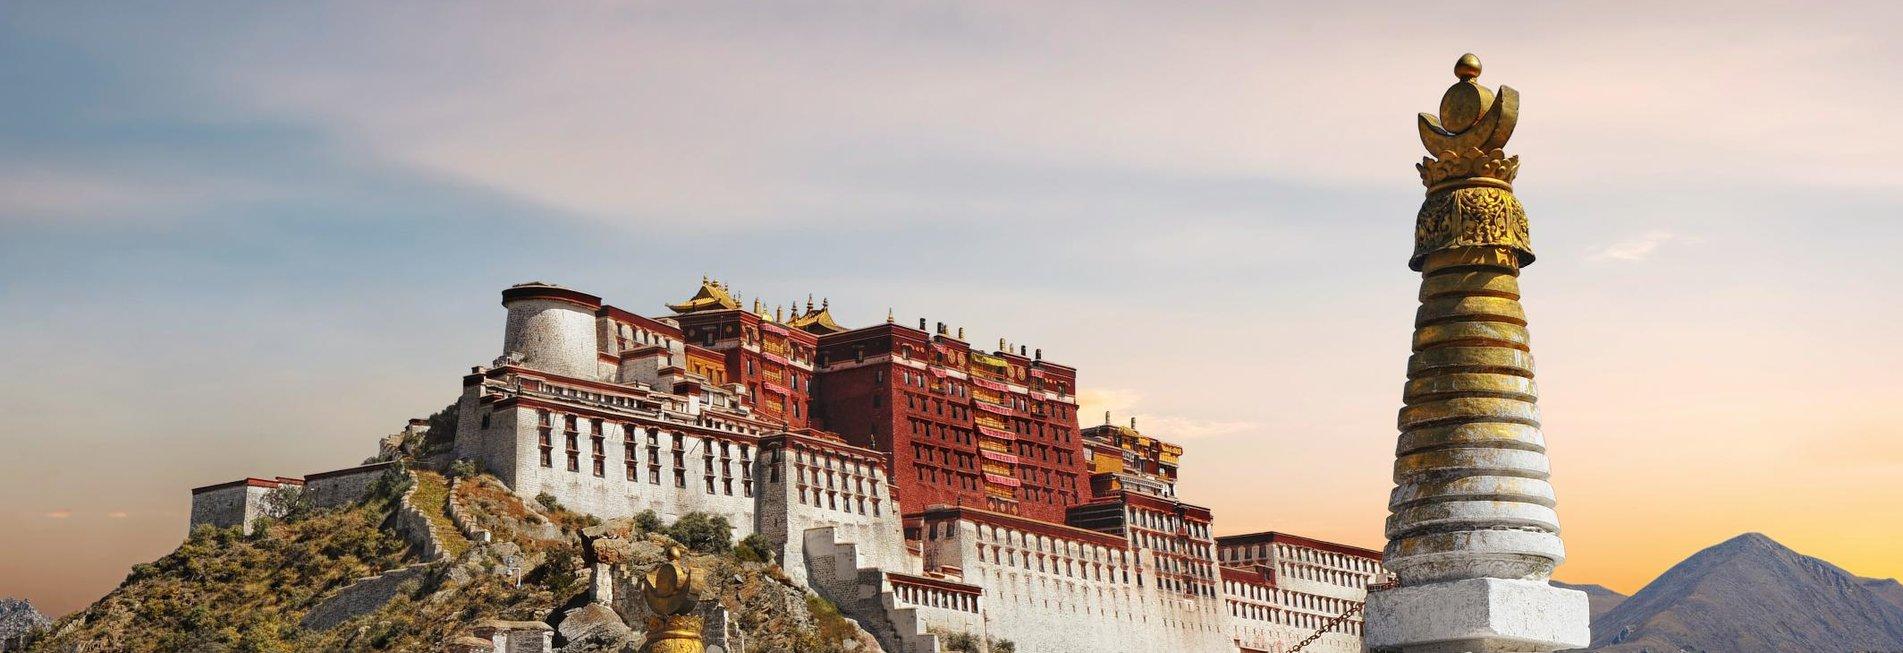 Potala Palast Lhasa,Potala Palast Lhasa,Potala Palast Lhasa